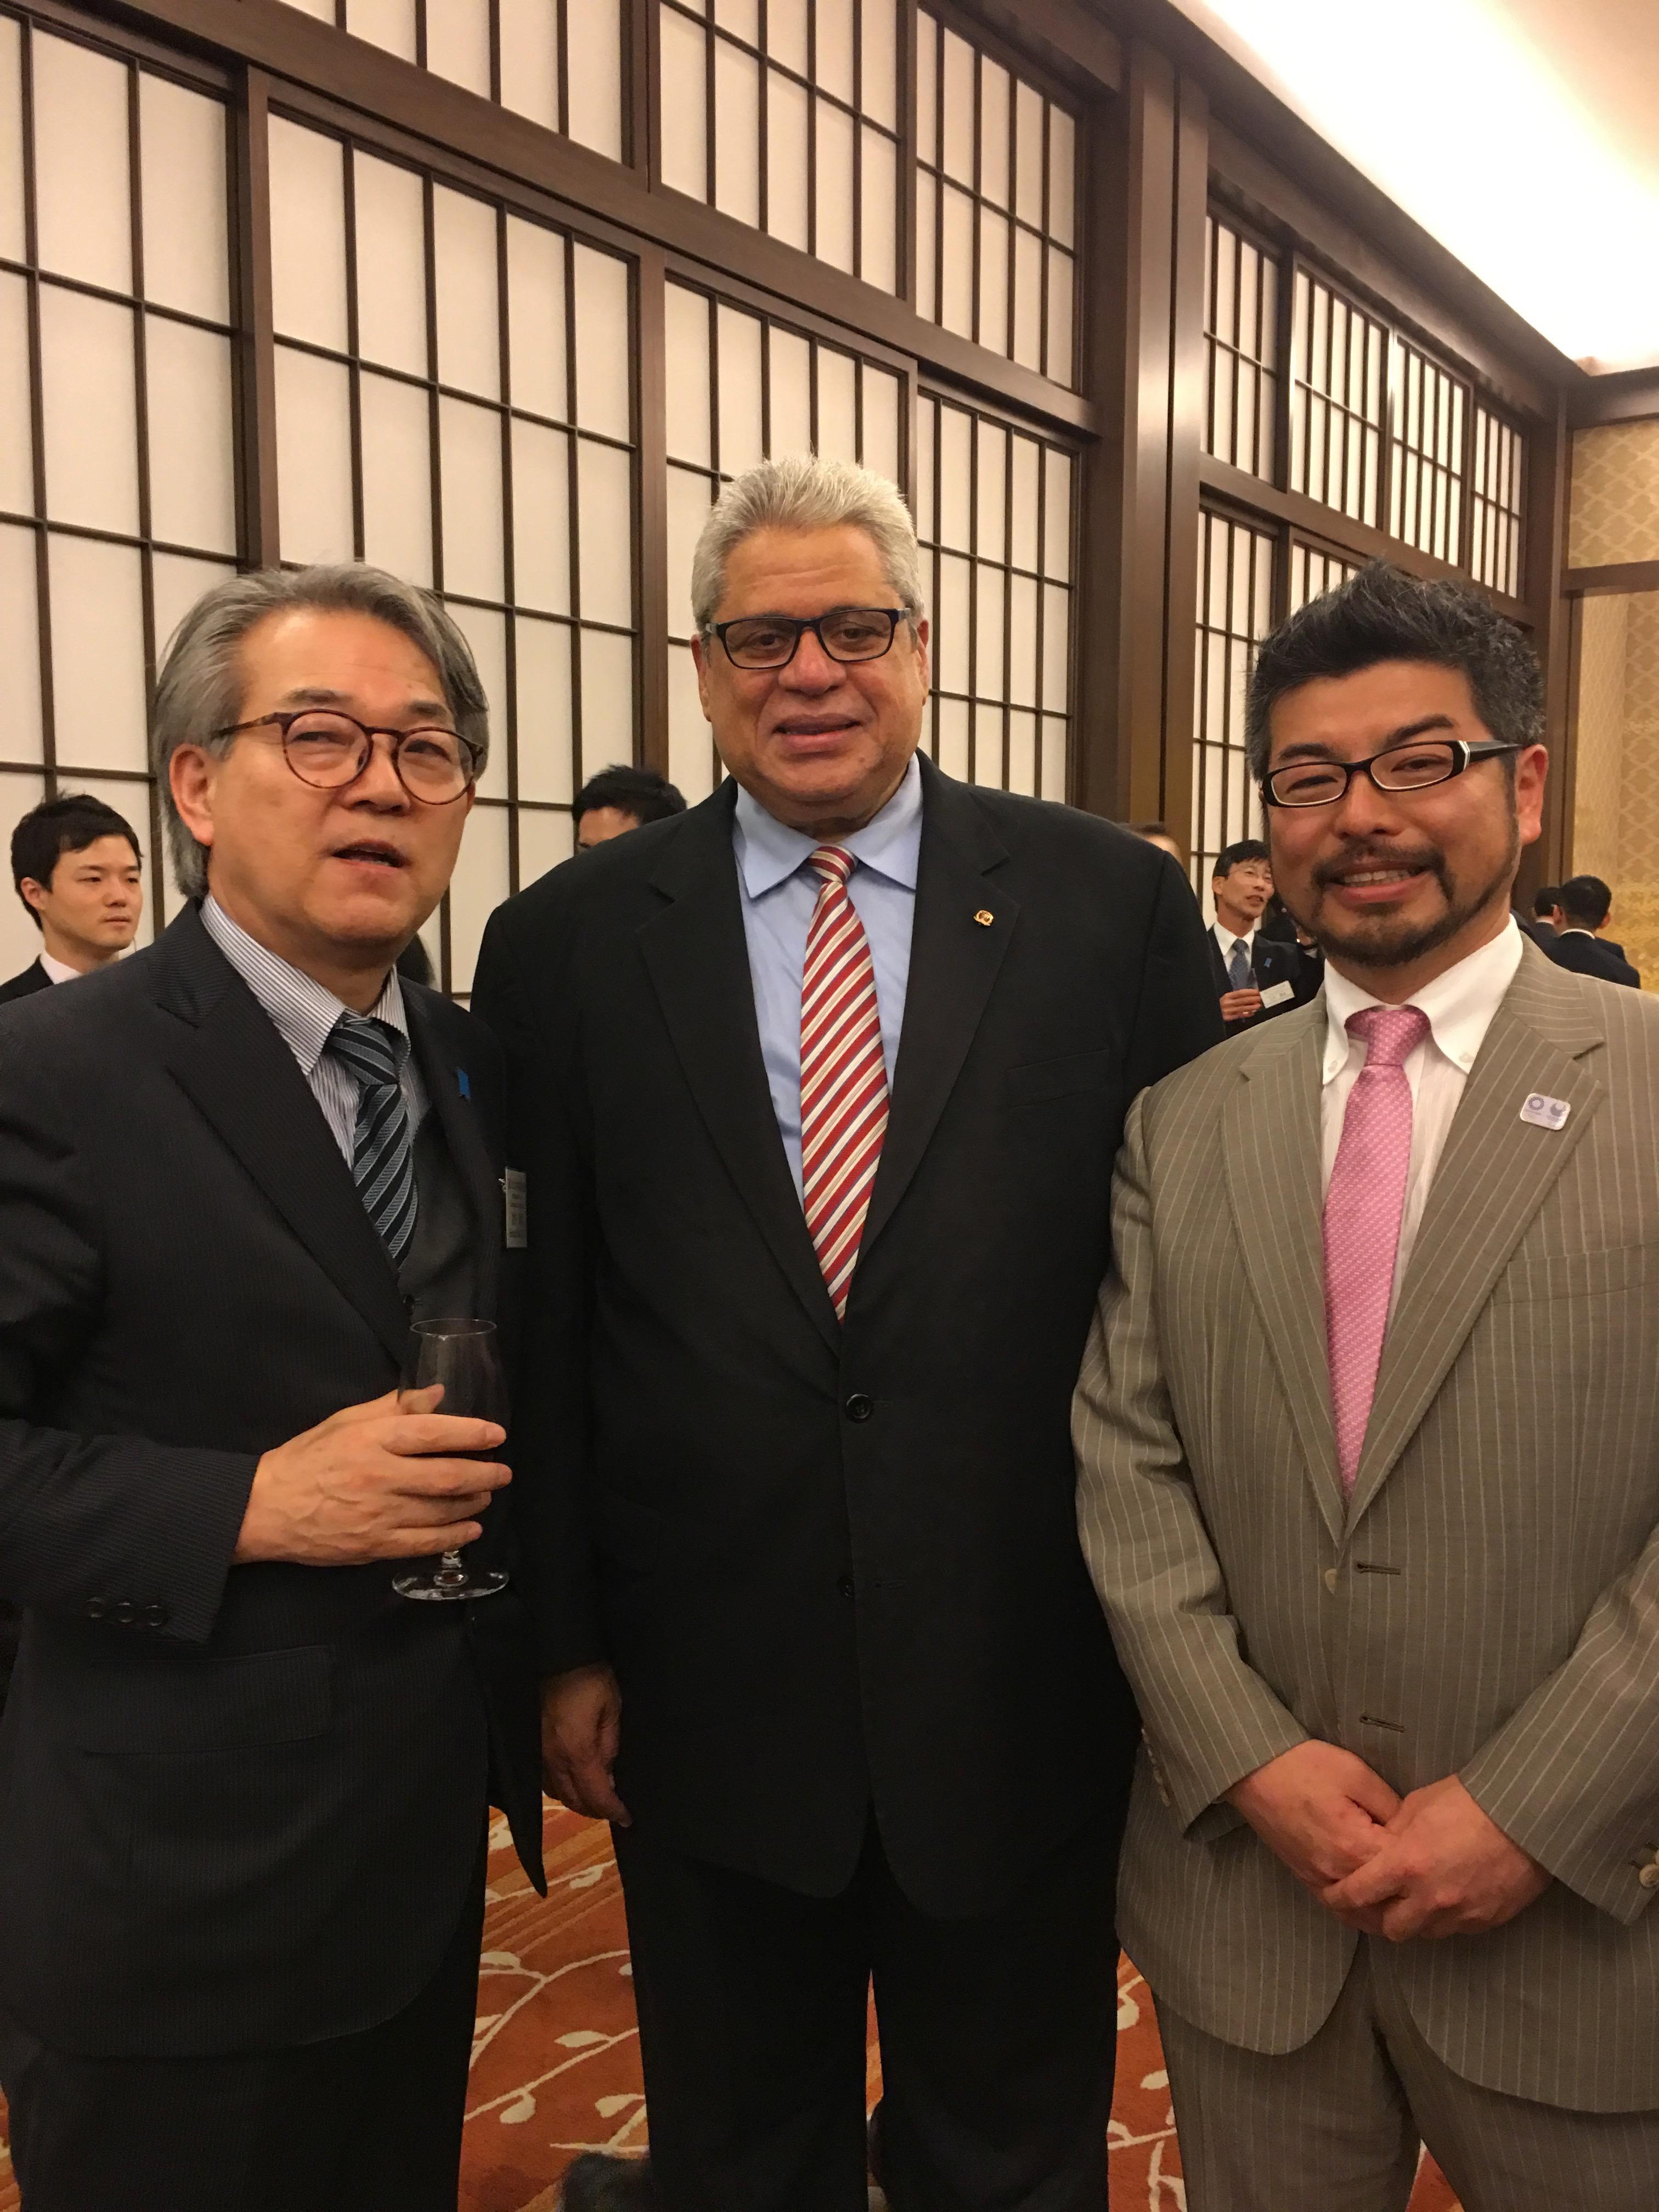 中南米大使会議開催レセプションに参加 (Participamos a la fiesta de recepción, organizado por el Sr. Ministro Kono)